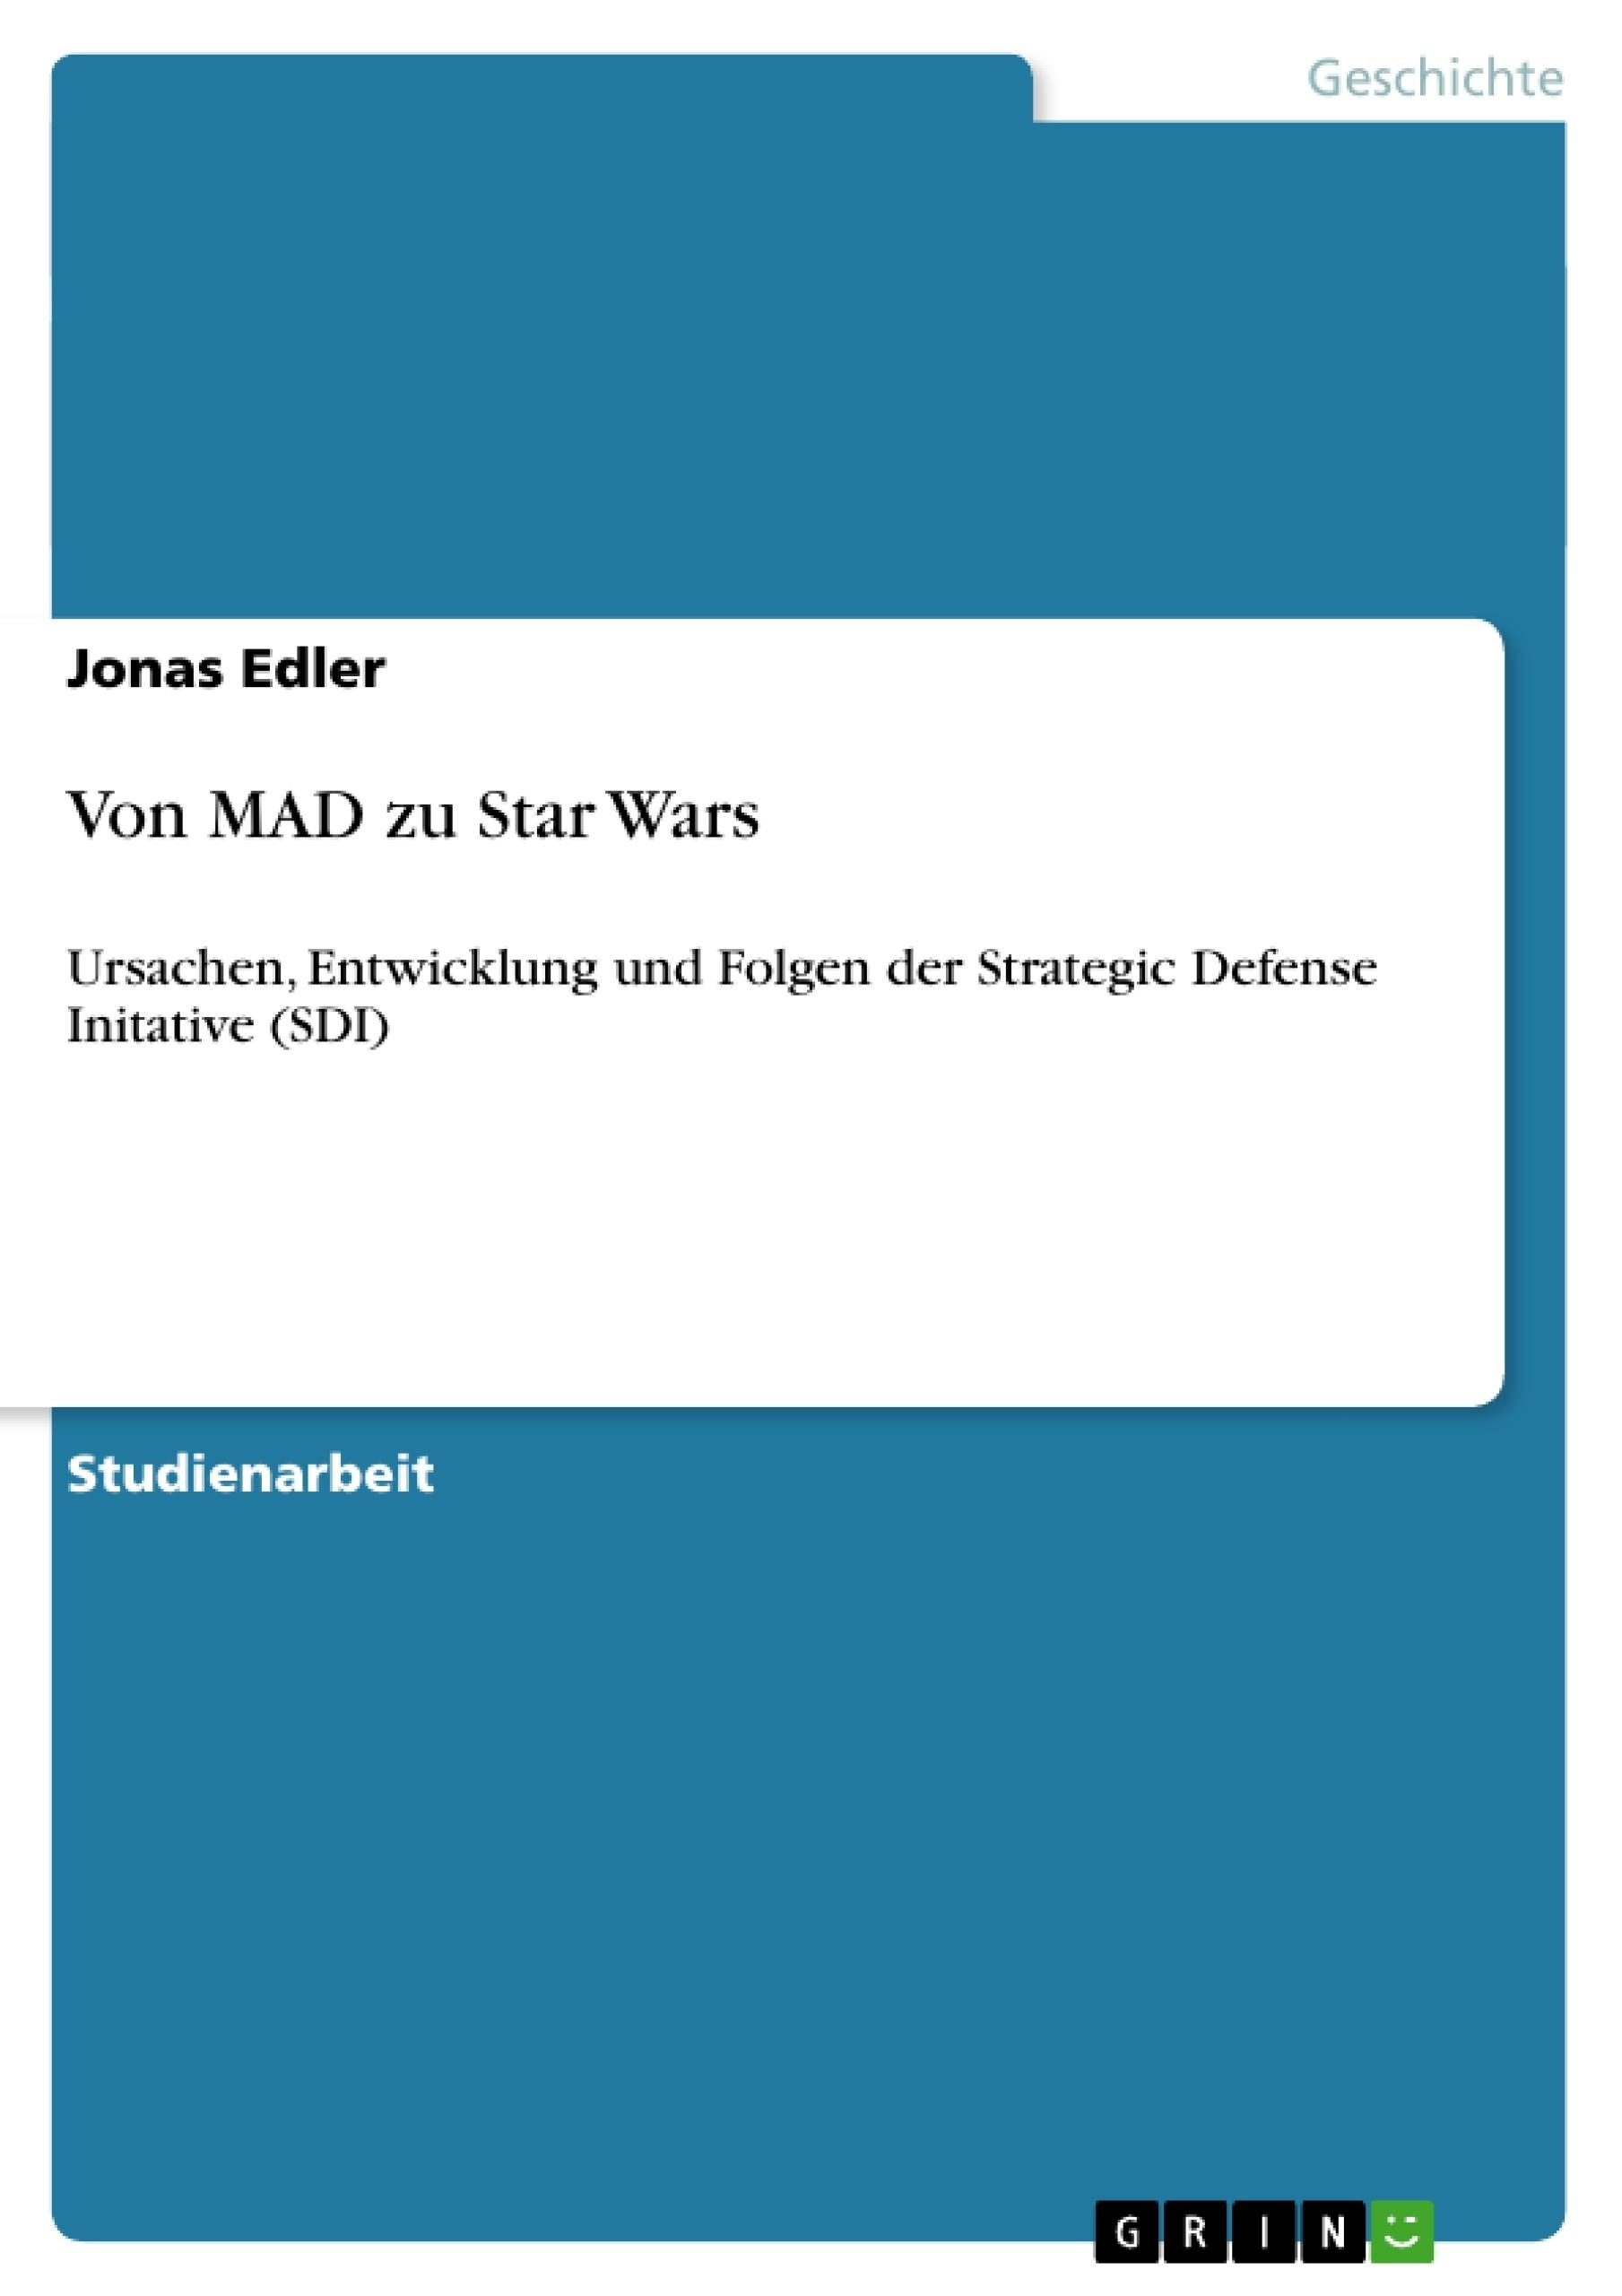 Titel: Von MAD zu Star Wars